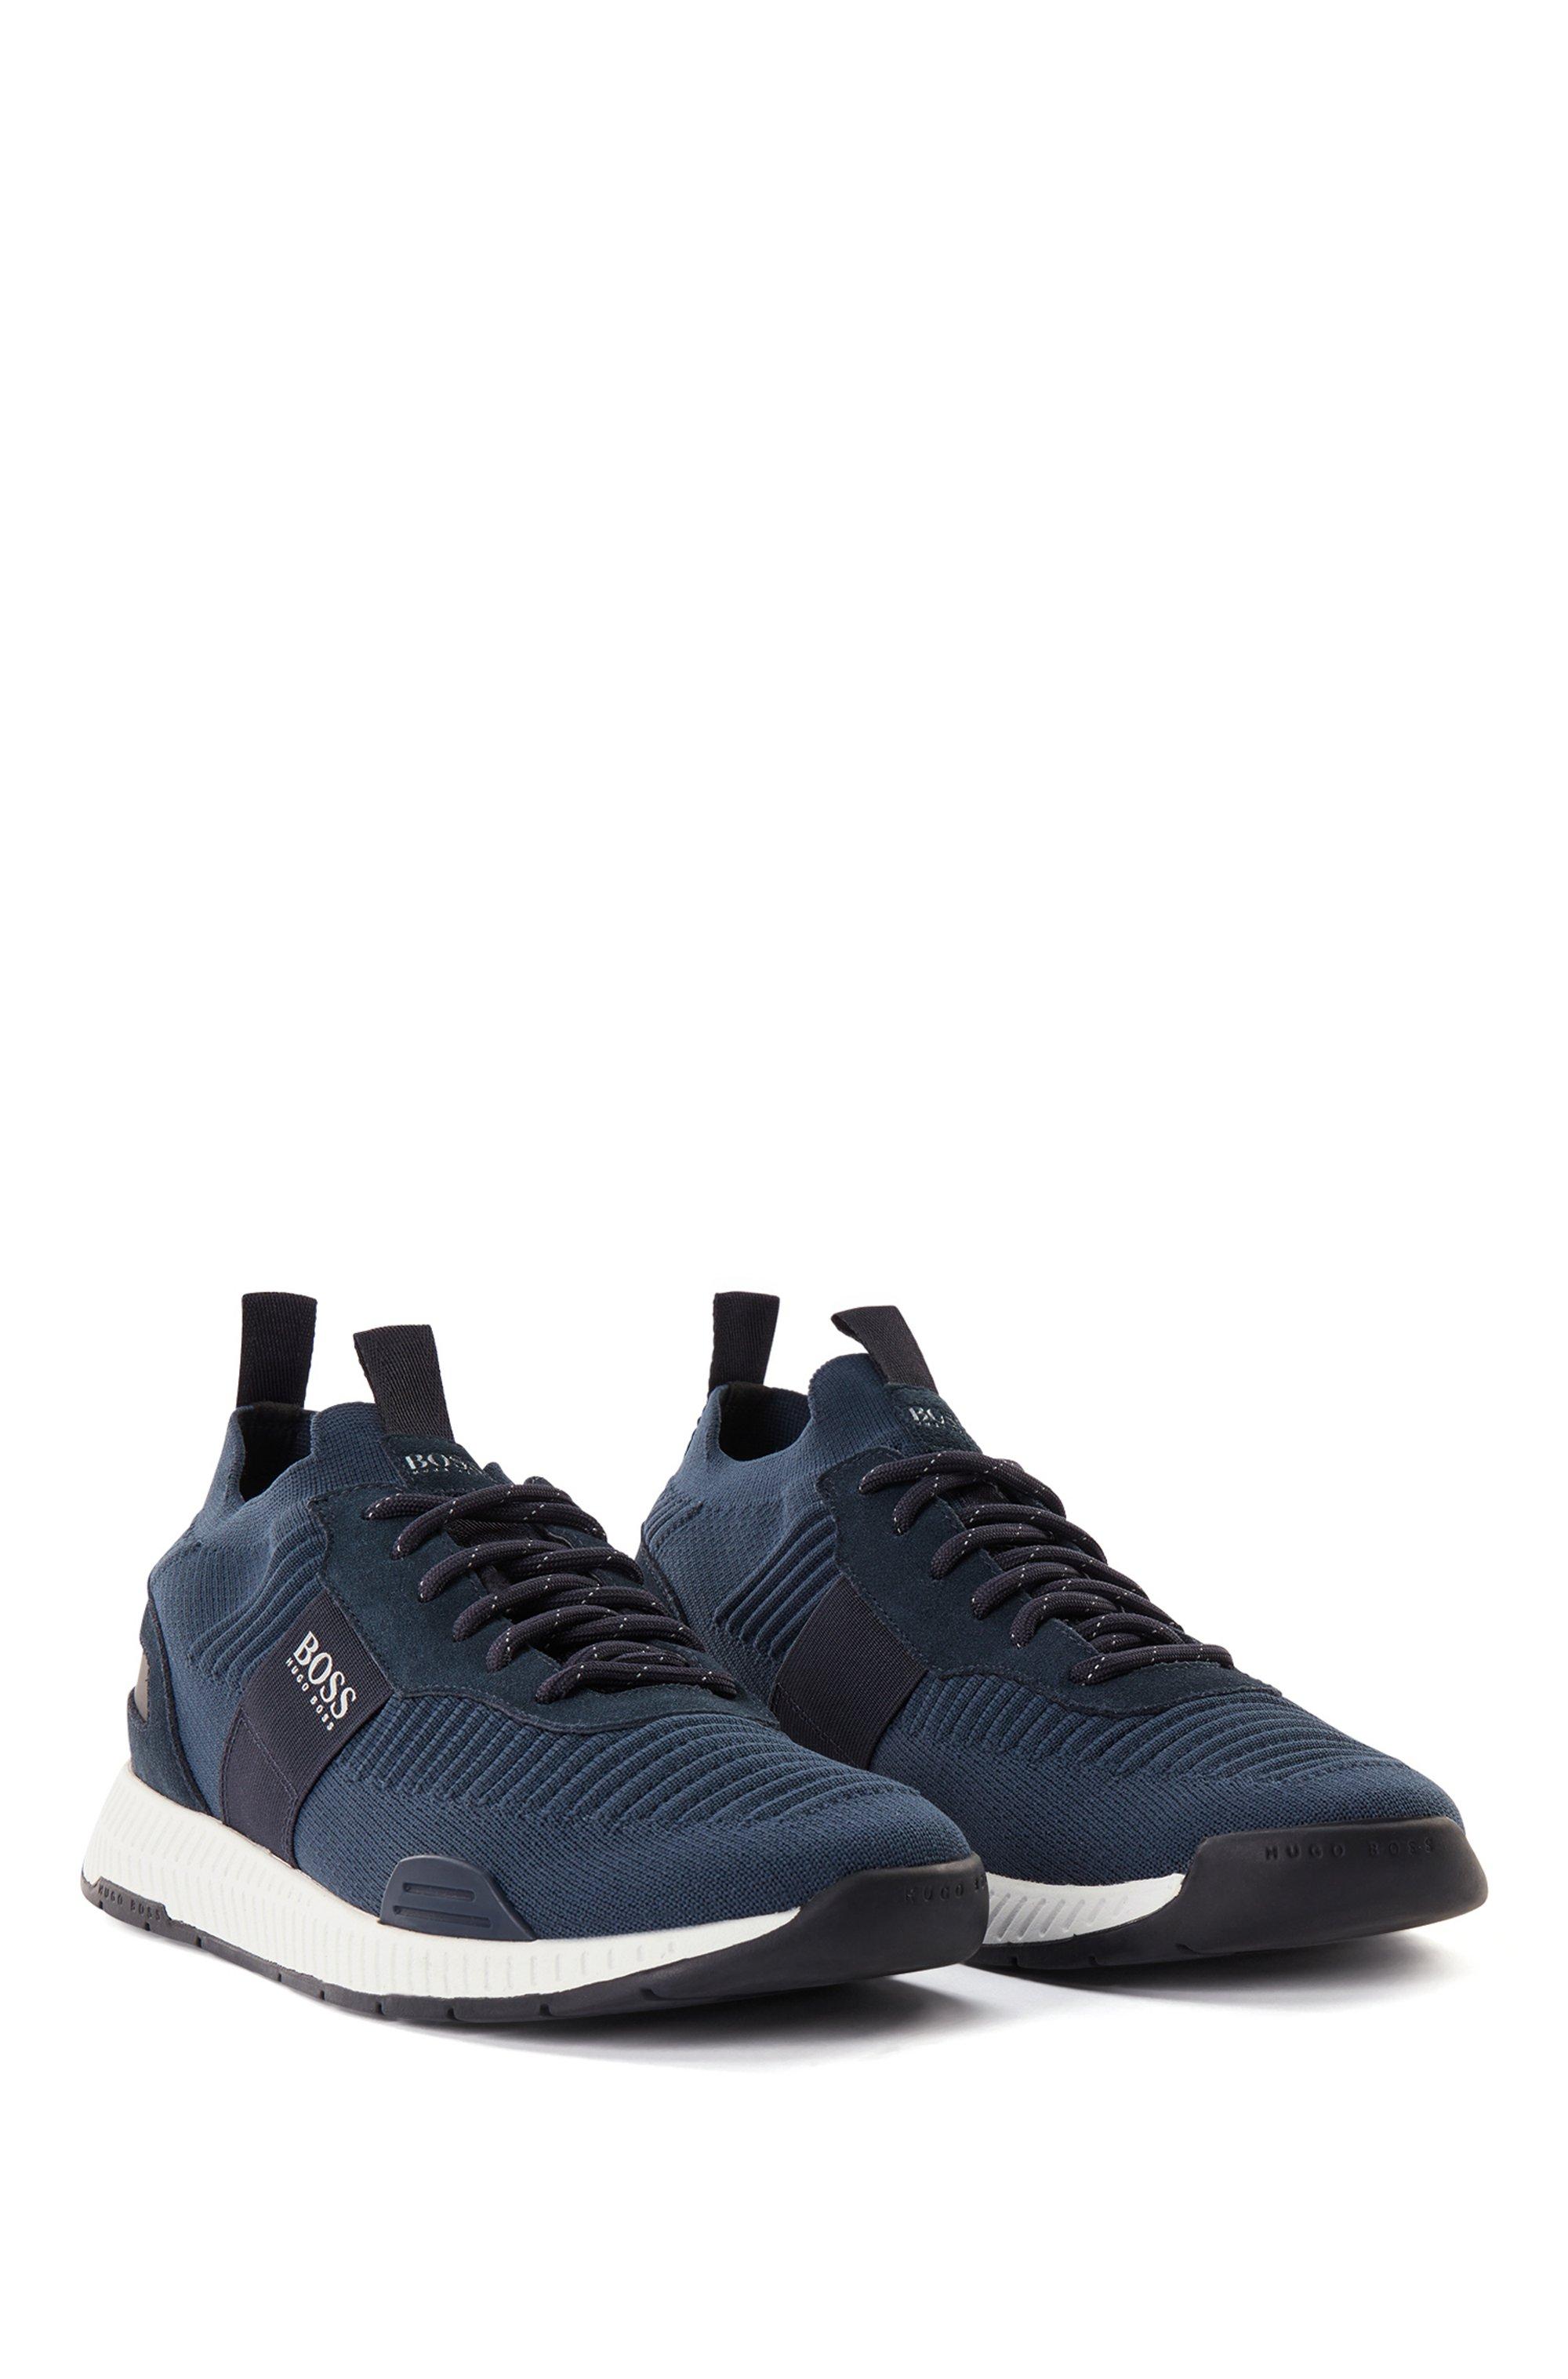 Hybrid-Sneakers im Laufschuh-Stil mit Stricksocken